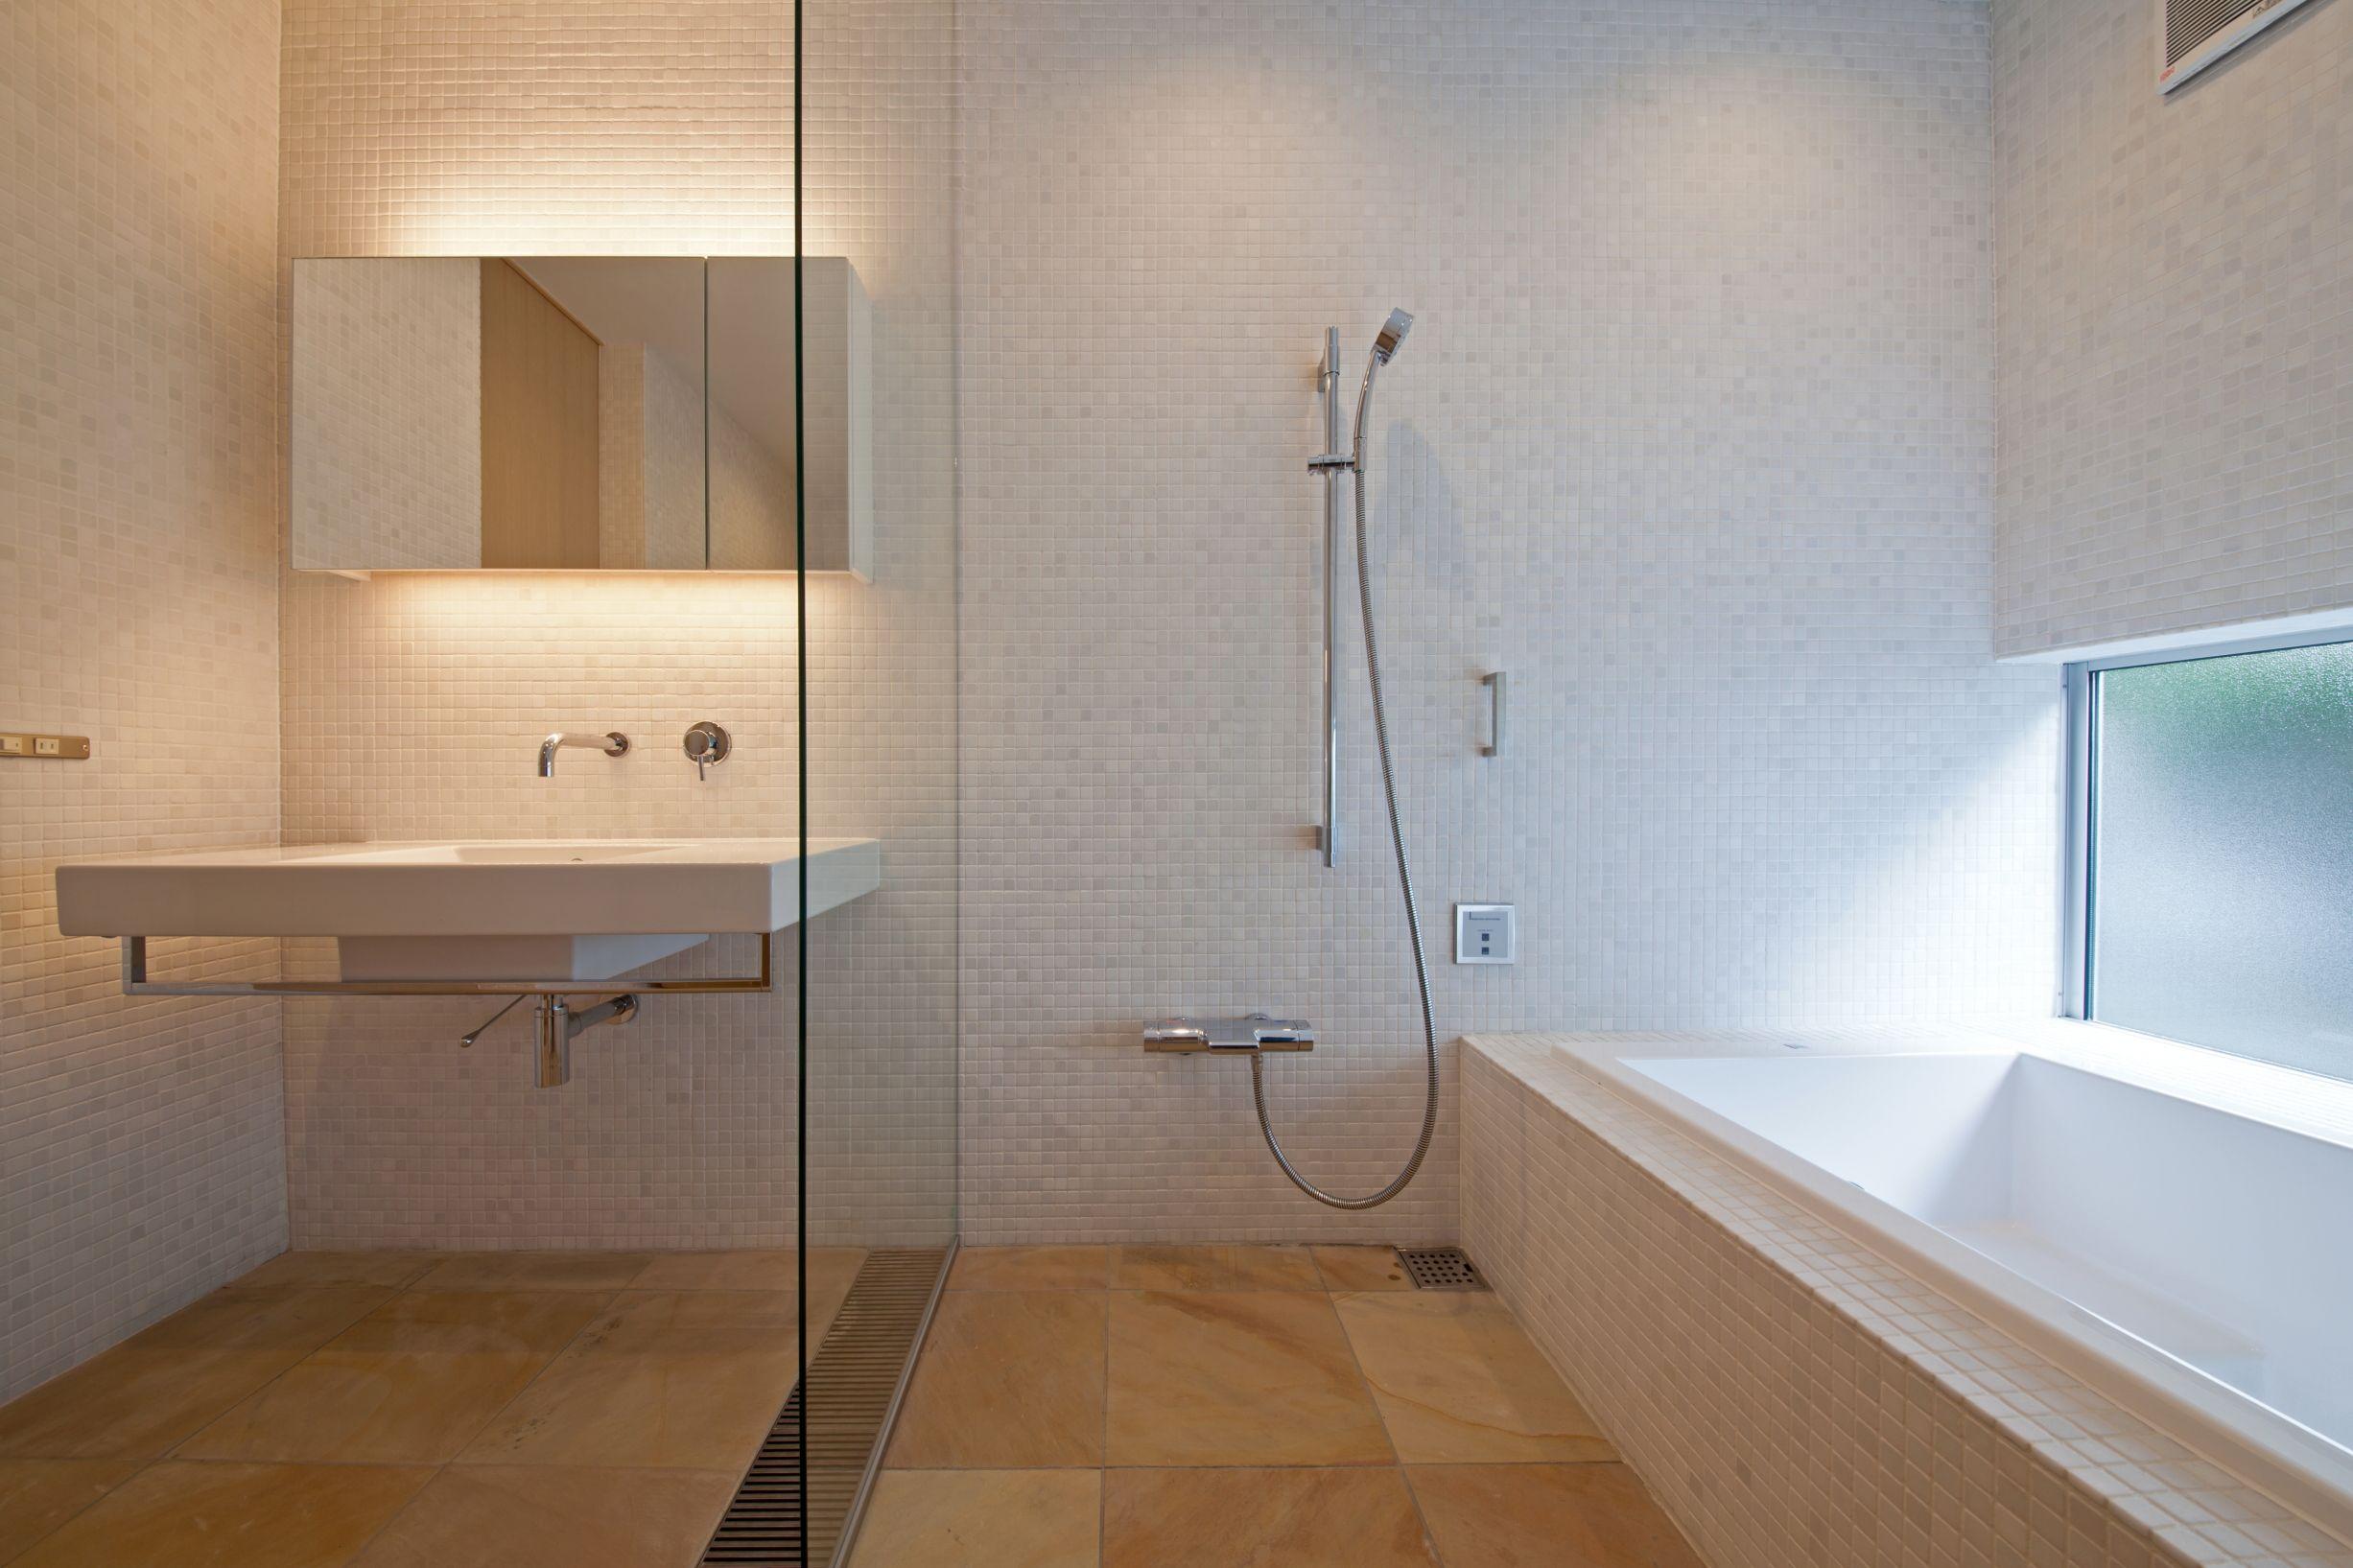 ホテルライクなバスルーム 浴室リフォーム バスルーム 家